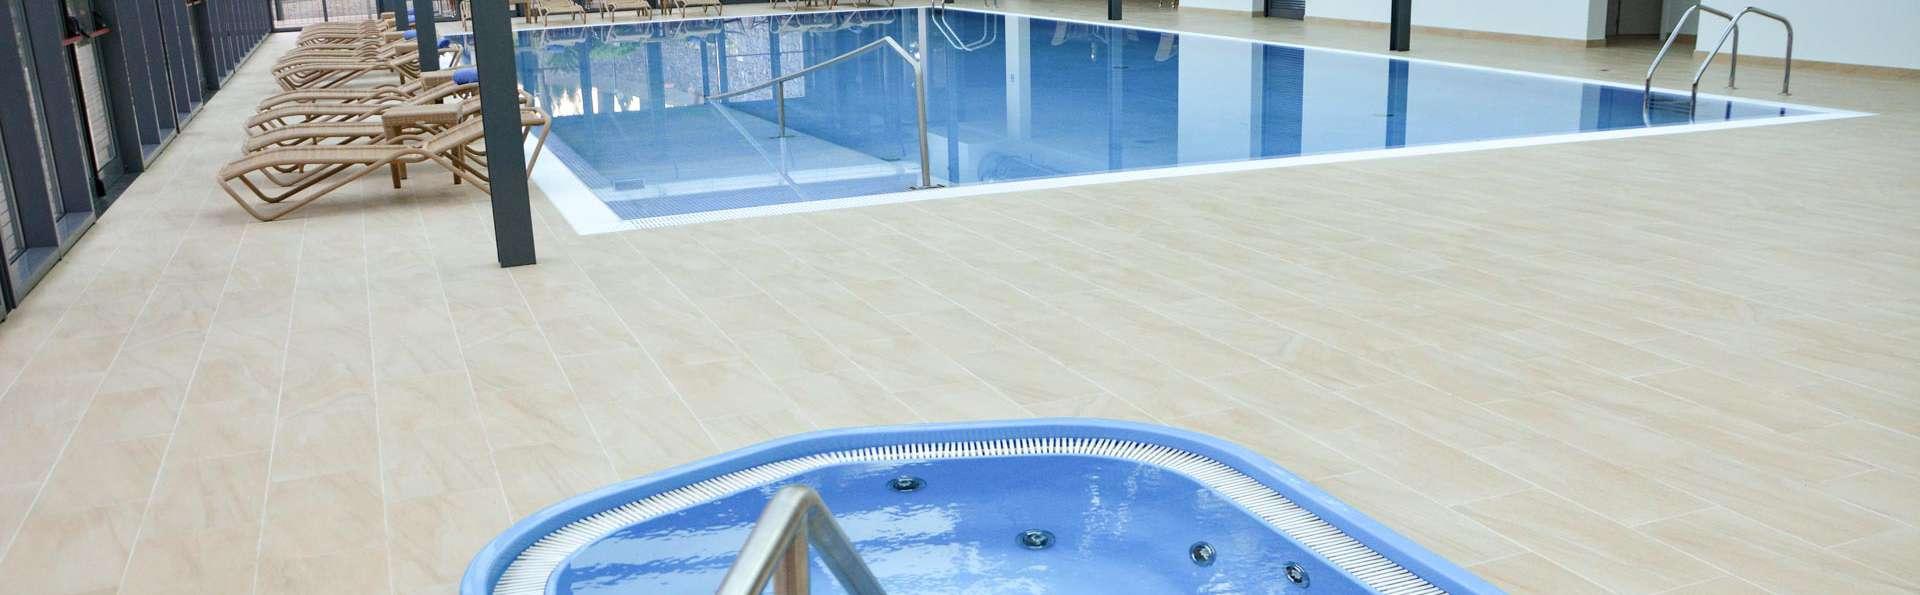 Escapade de luxe en demi-pension avec spa et surclassement à Madère (à partir de 2 nuits)